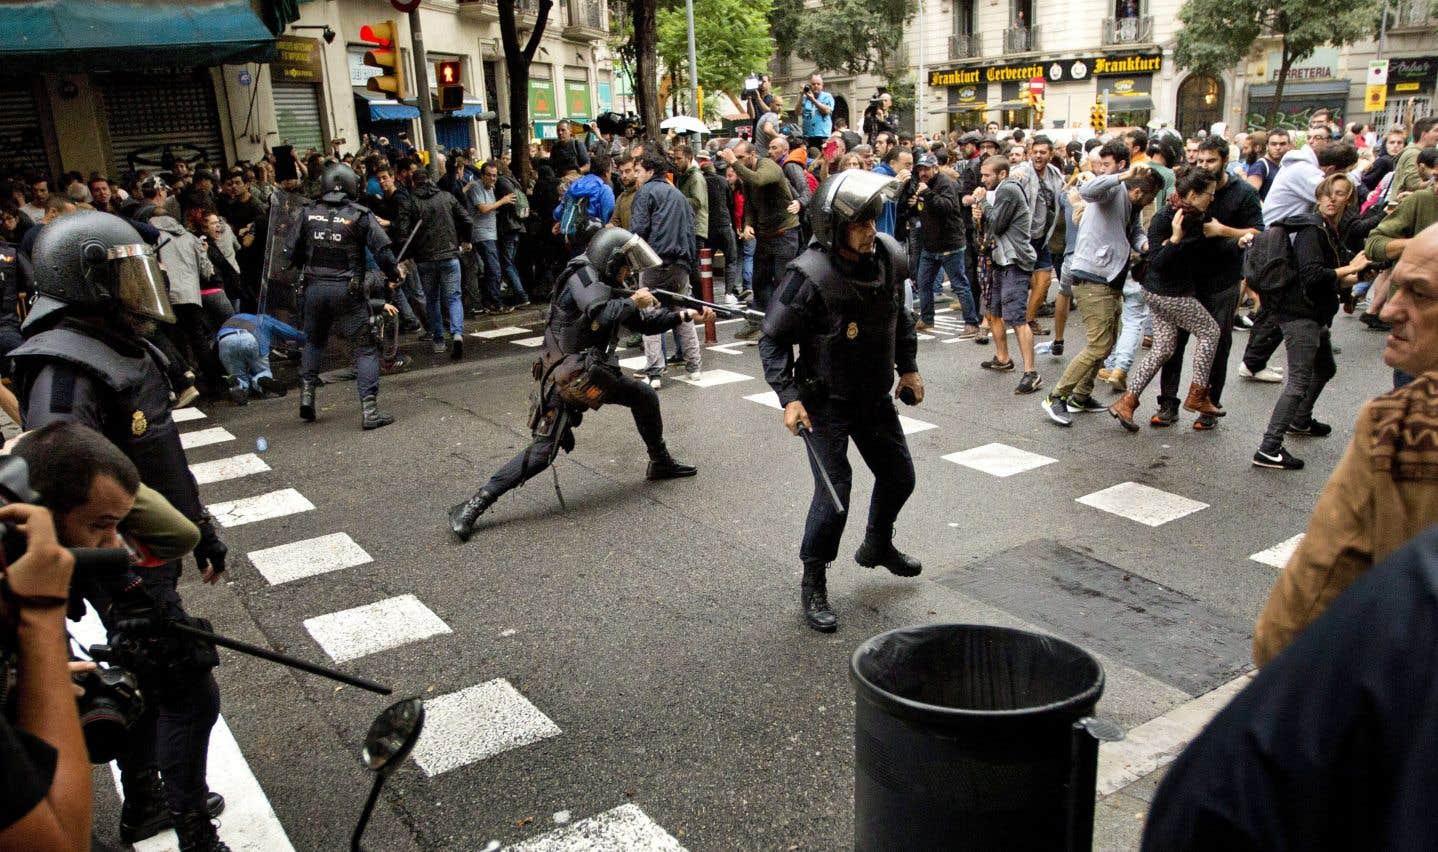 Des policiers antiémeutes repoussent des gens qui essaient d'entrer dans un bureau de scrutin de Barcelone pour participer au référendum.